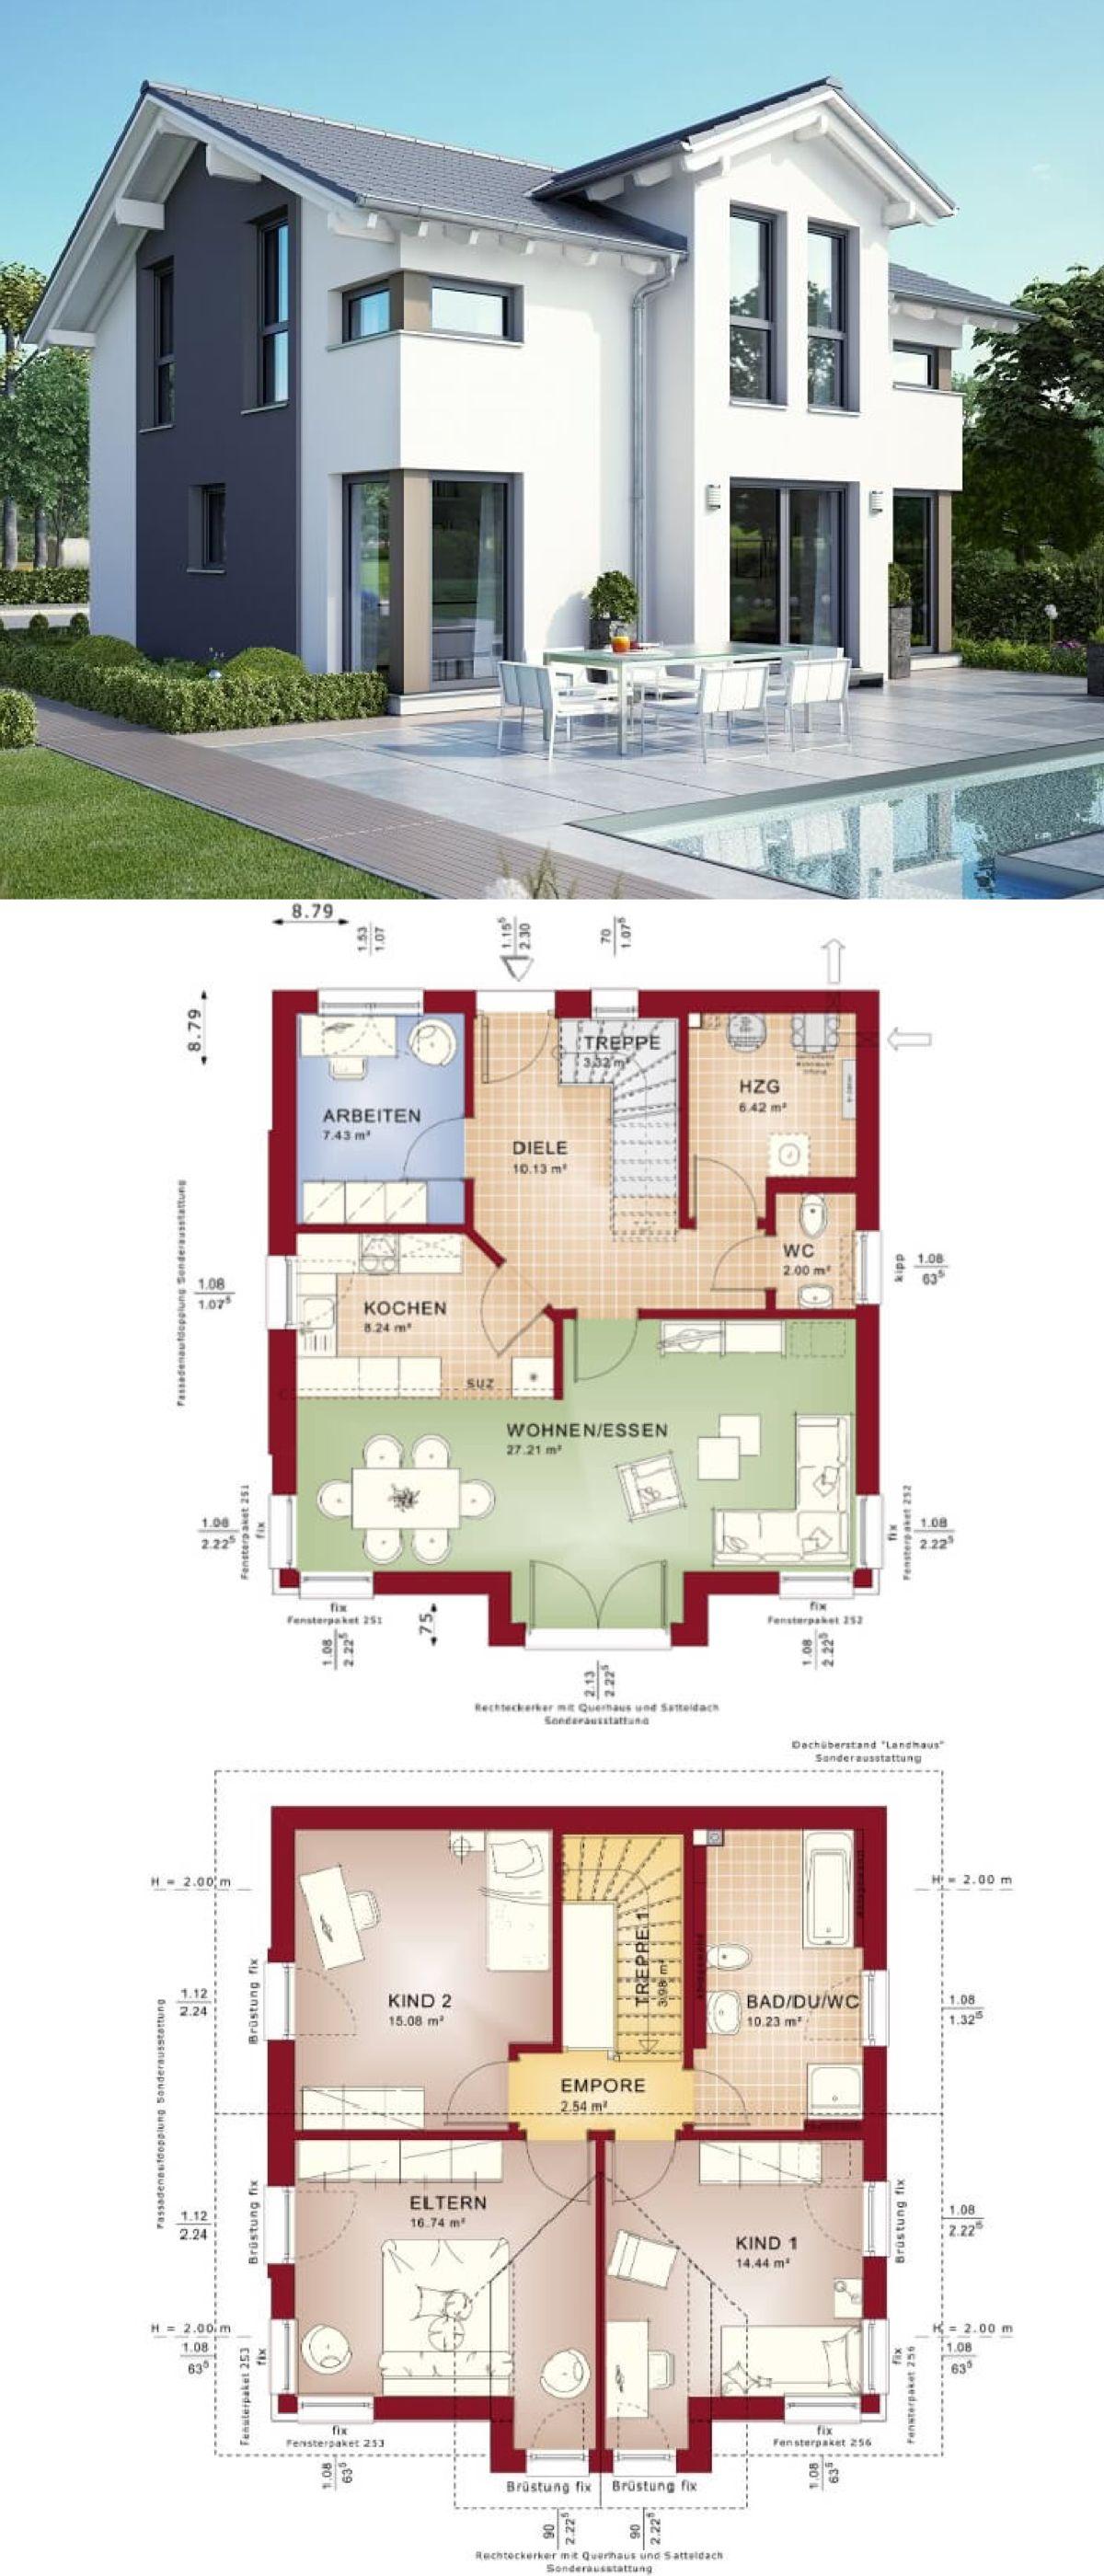 Fesselnde Grundriss Einfamilienhaus 150 Qm Sammlung Von Modernes Mit Satteldach - Celebration 125 V8